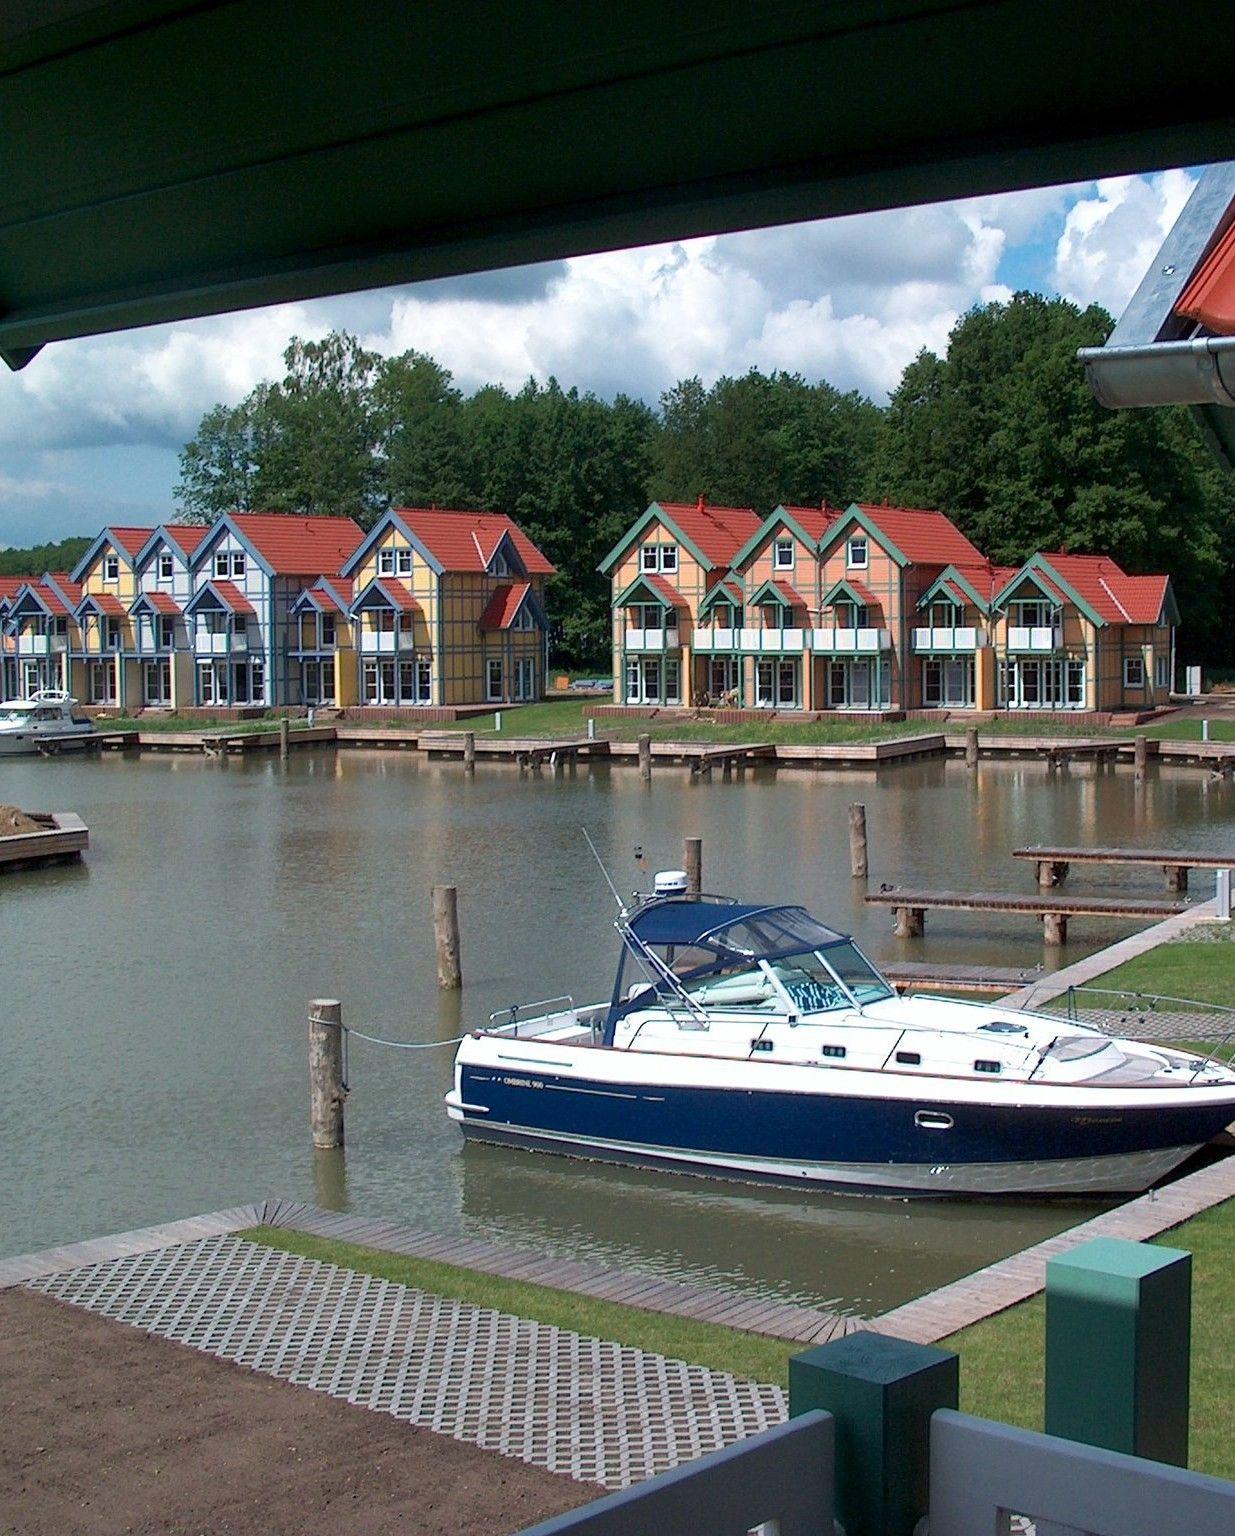 Tolles Ferienhaus am See im Hafendorf Rheinsberg mit